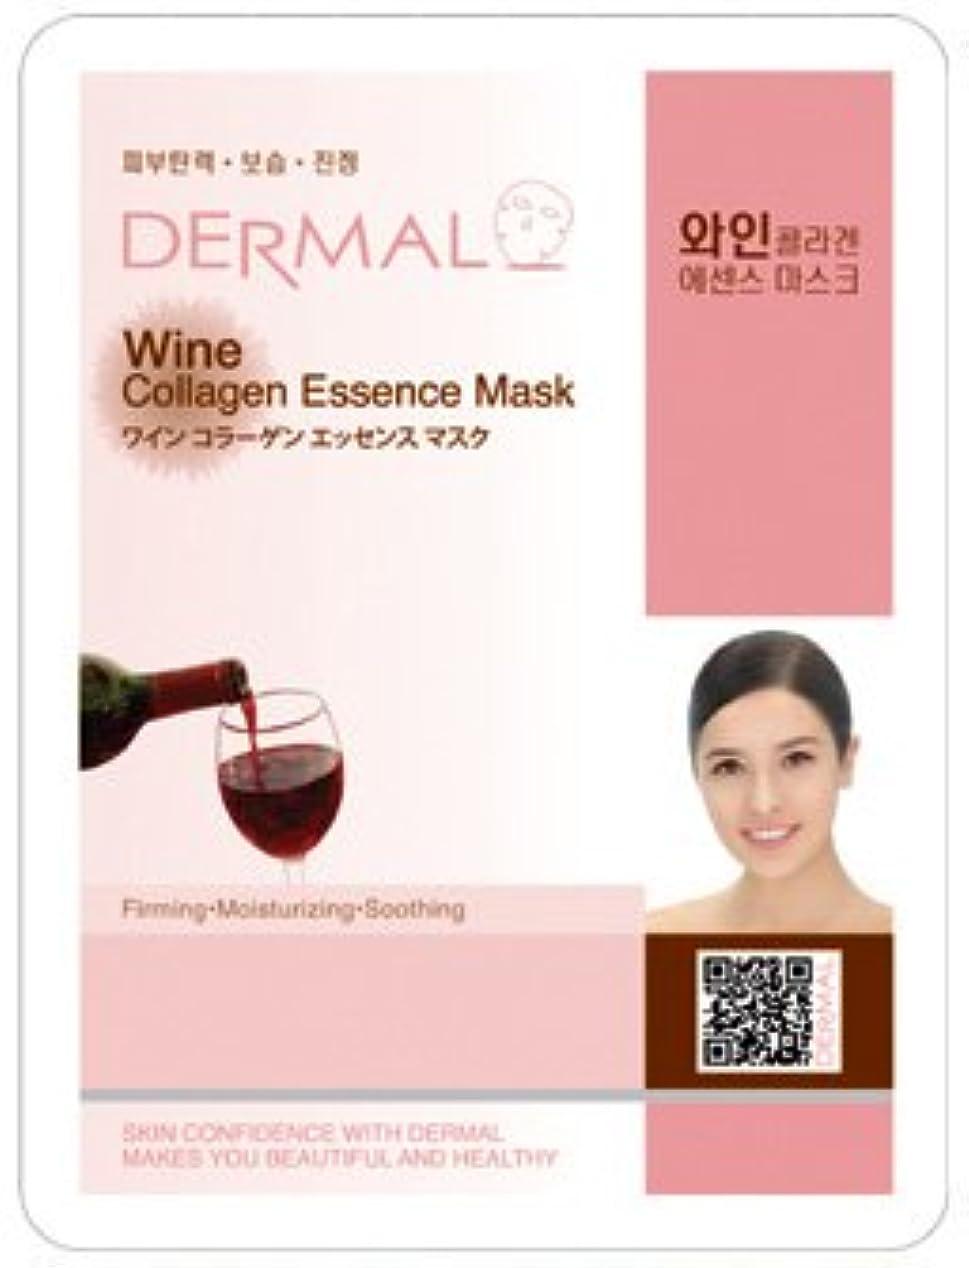 資格特異性不良シート マスク ワイン ダーマル Dermal 23g (10枚セット) フェイス パック